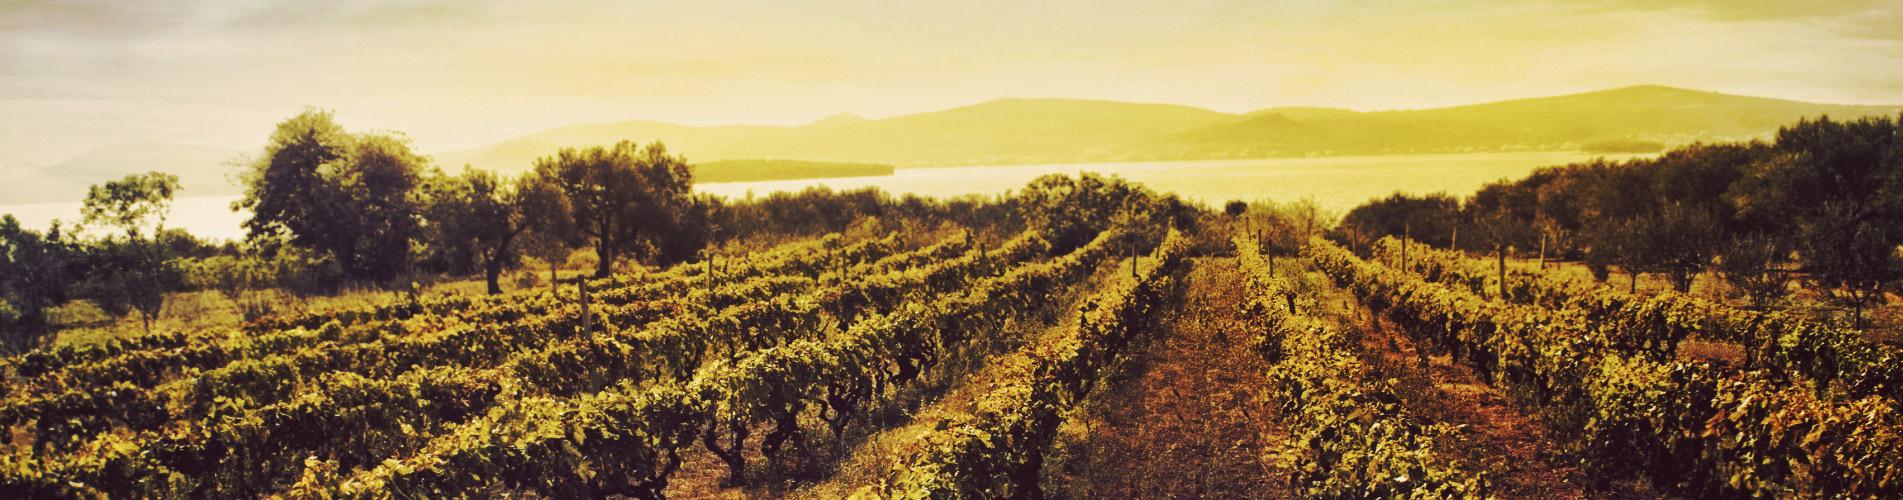 Tu tienda de vino online y enoturismo